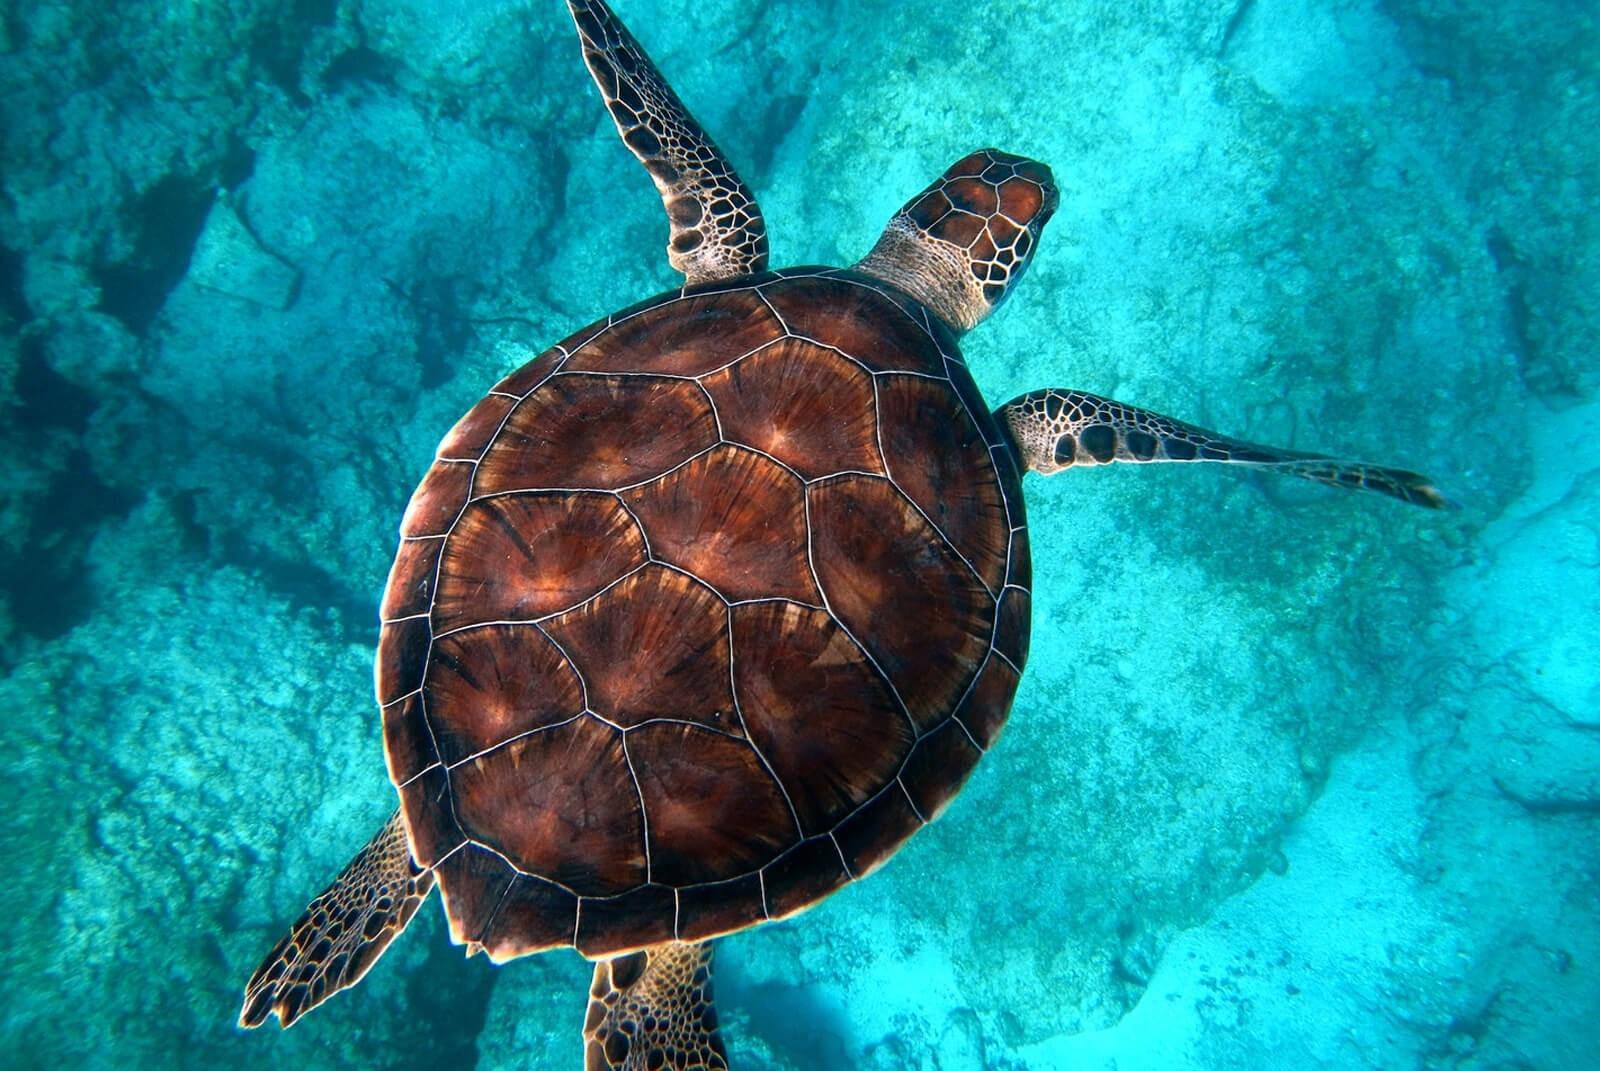 Morski Detox Organique. Oczyszczająca terapia z morskich głębin 120 minut